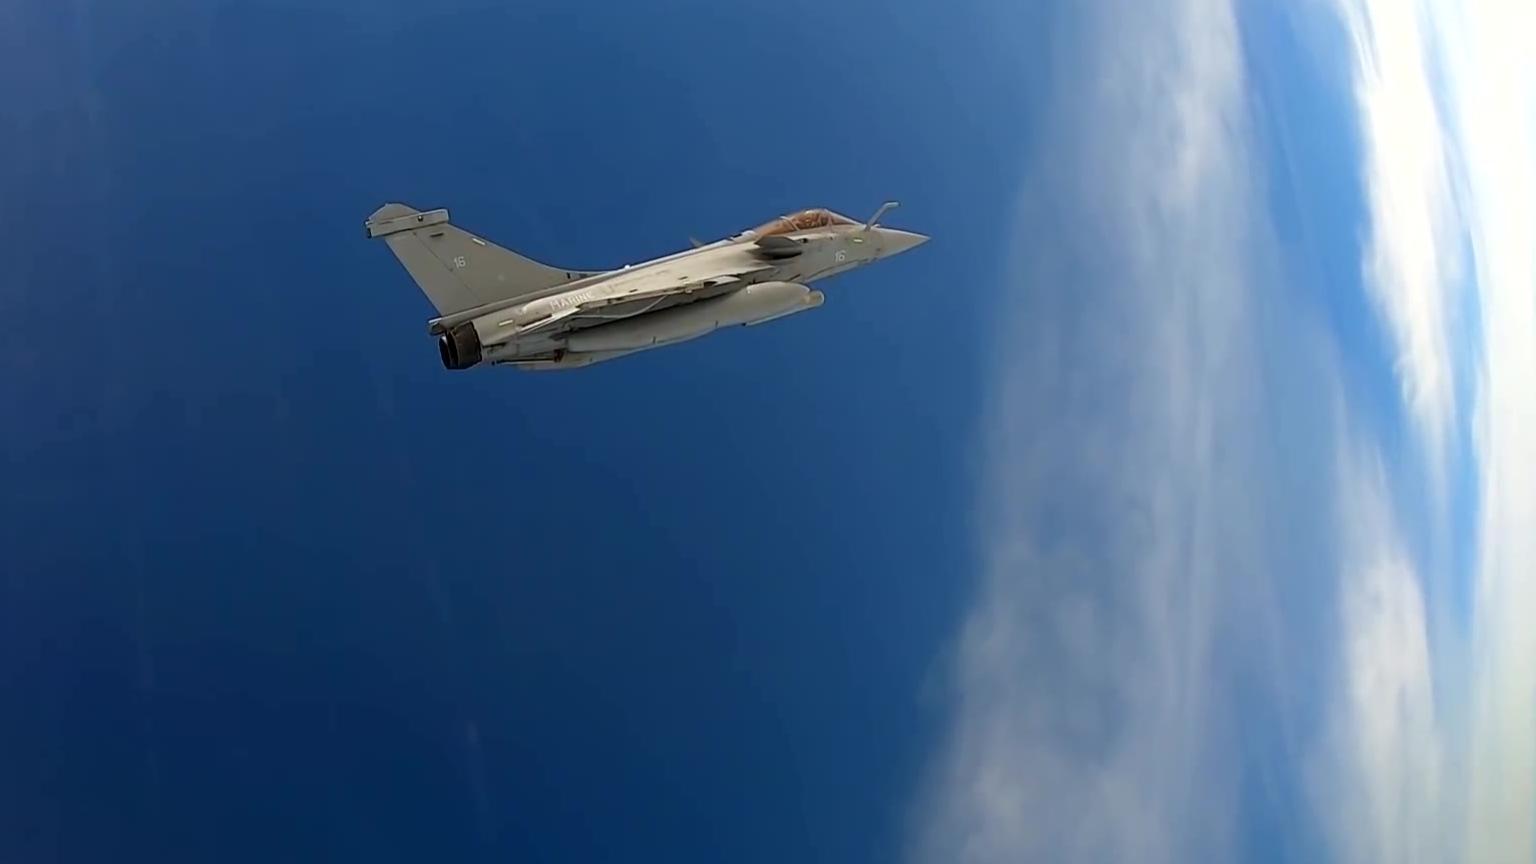 跟着阵风法国海军飞行员飞向地球边缘